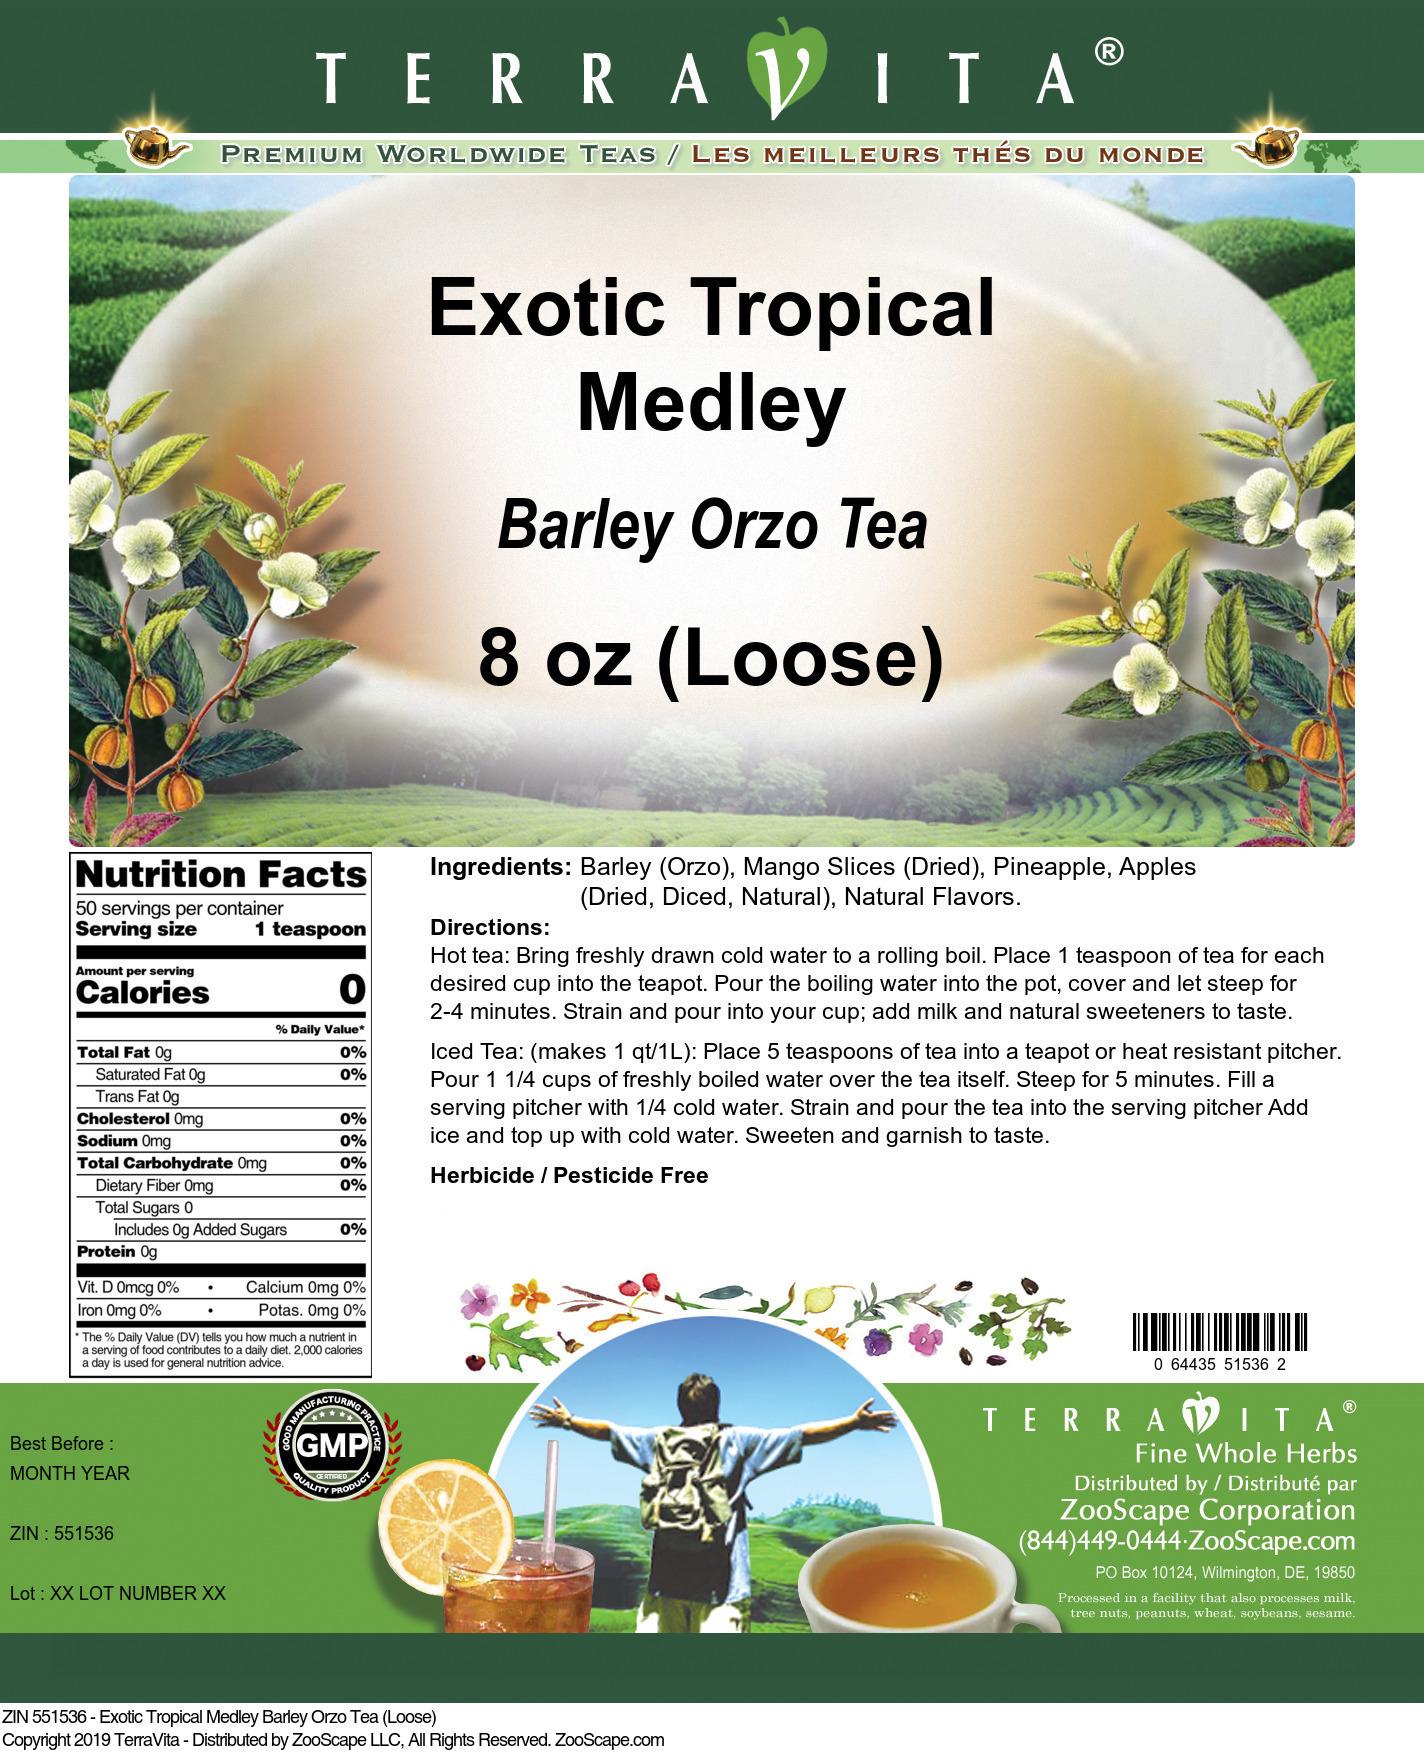 Exotic Tropical Medley Barley Orzo